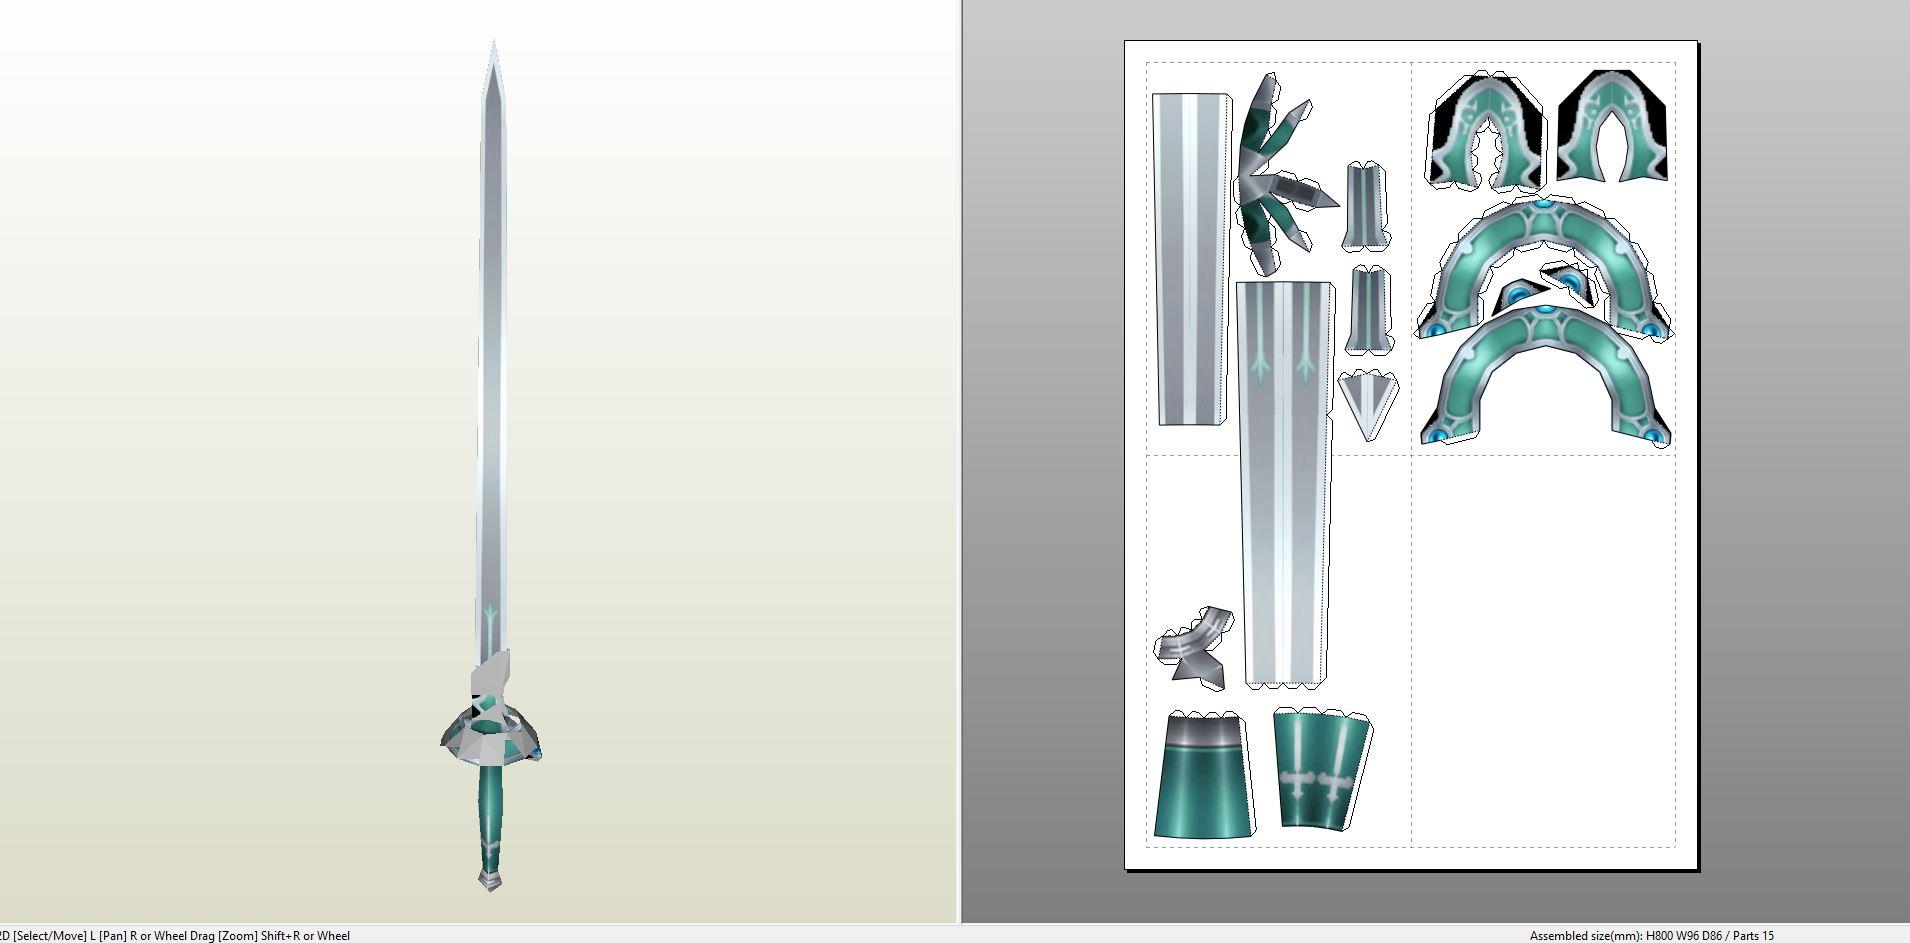 swordartonlinelambentlight